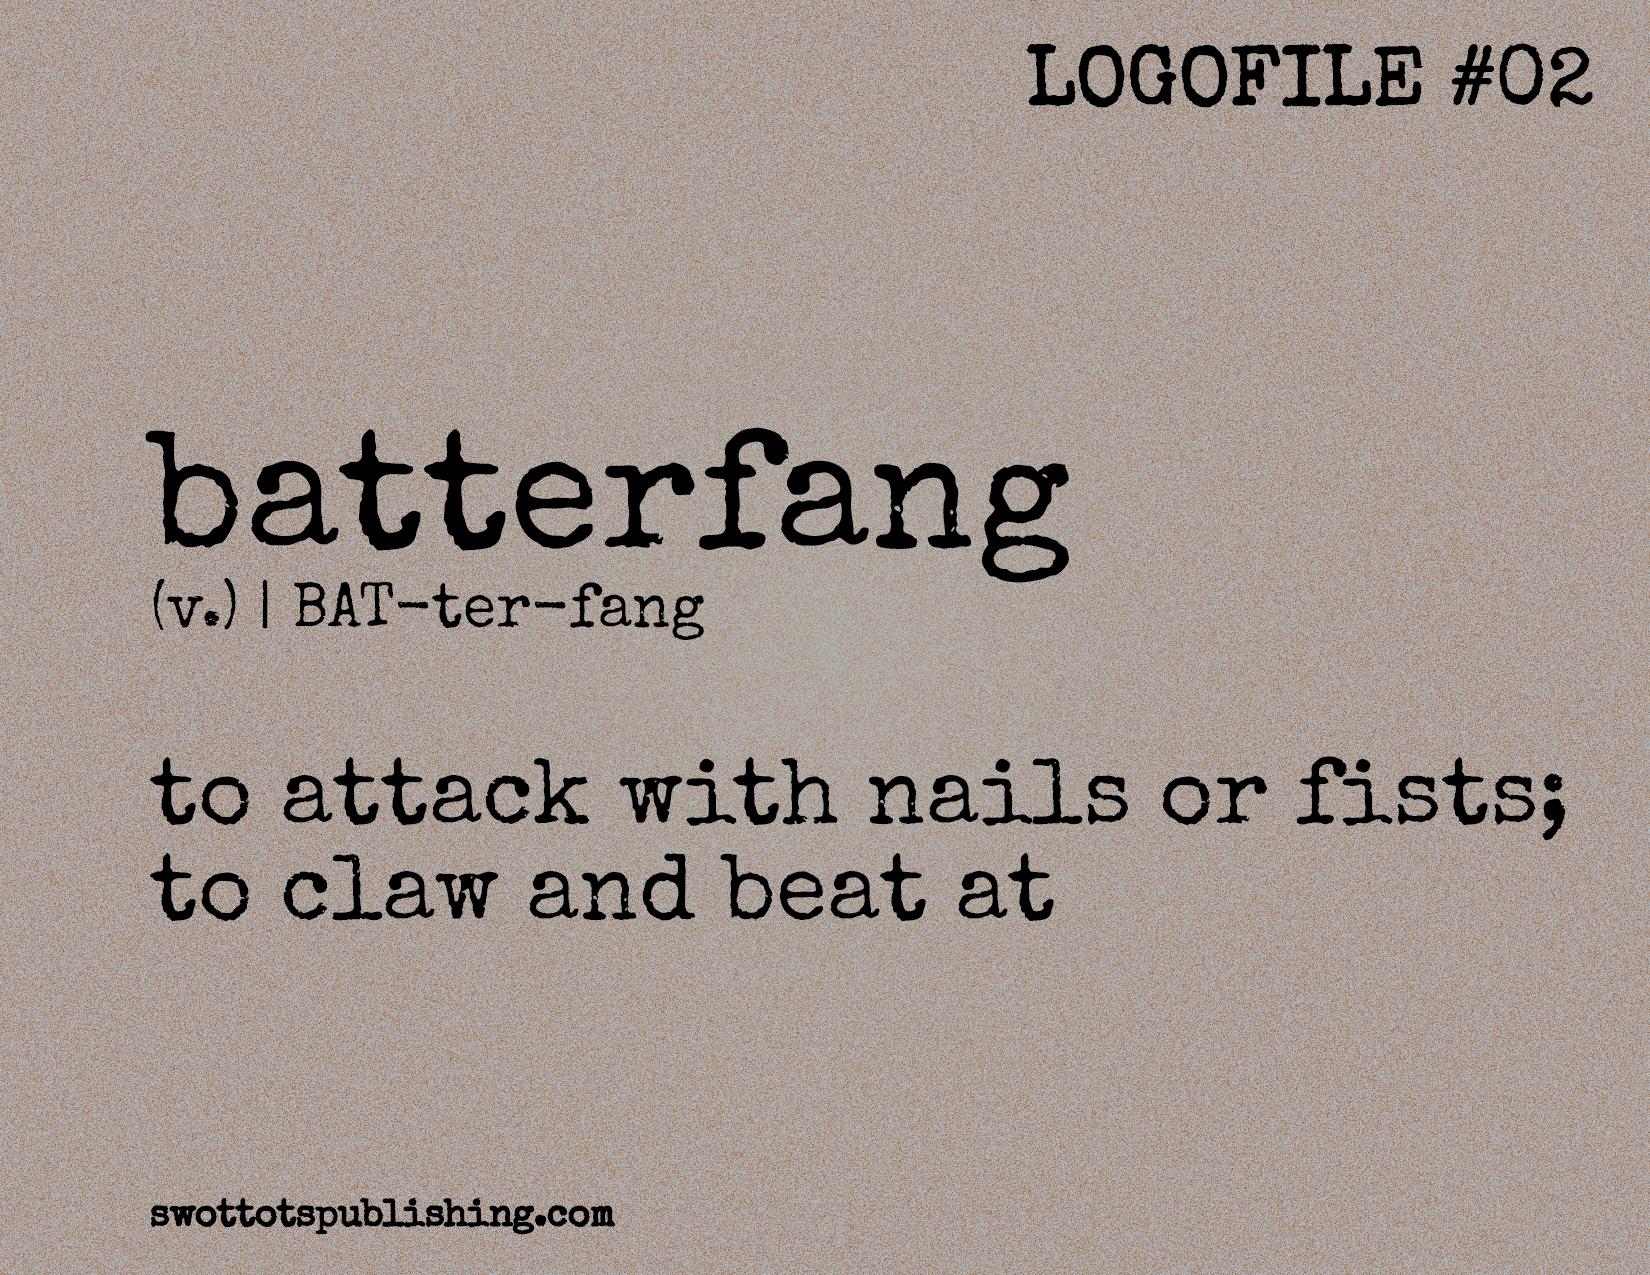 STP Logofile #02 | batterfang (v.)